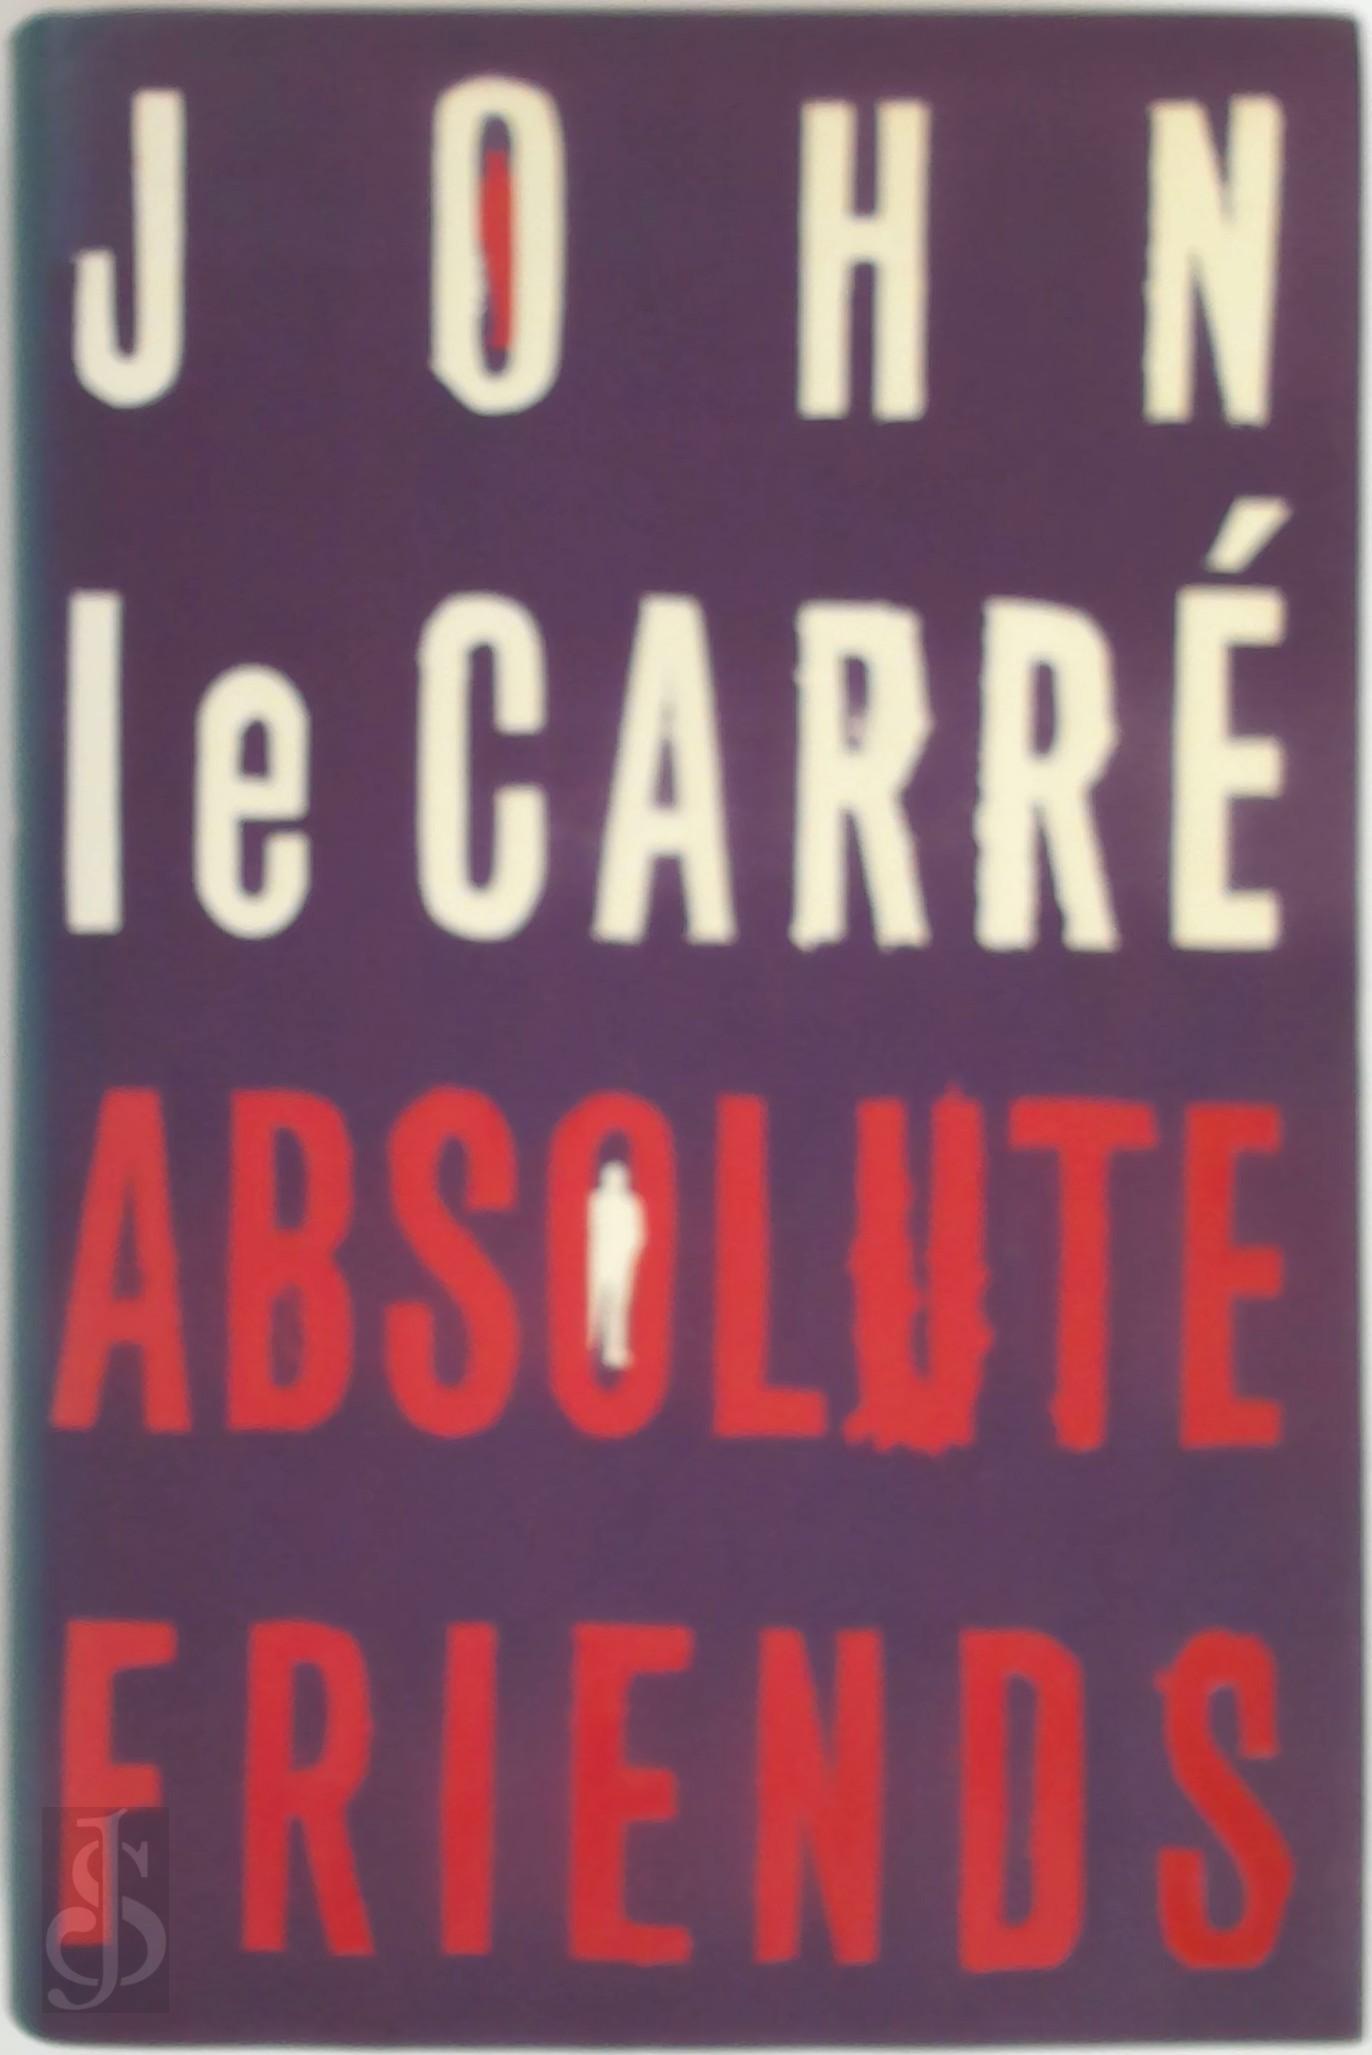 John le Carré - Absolute friends